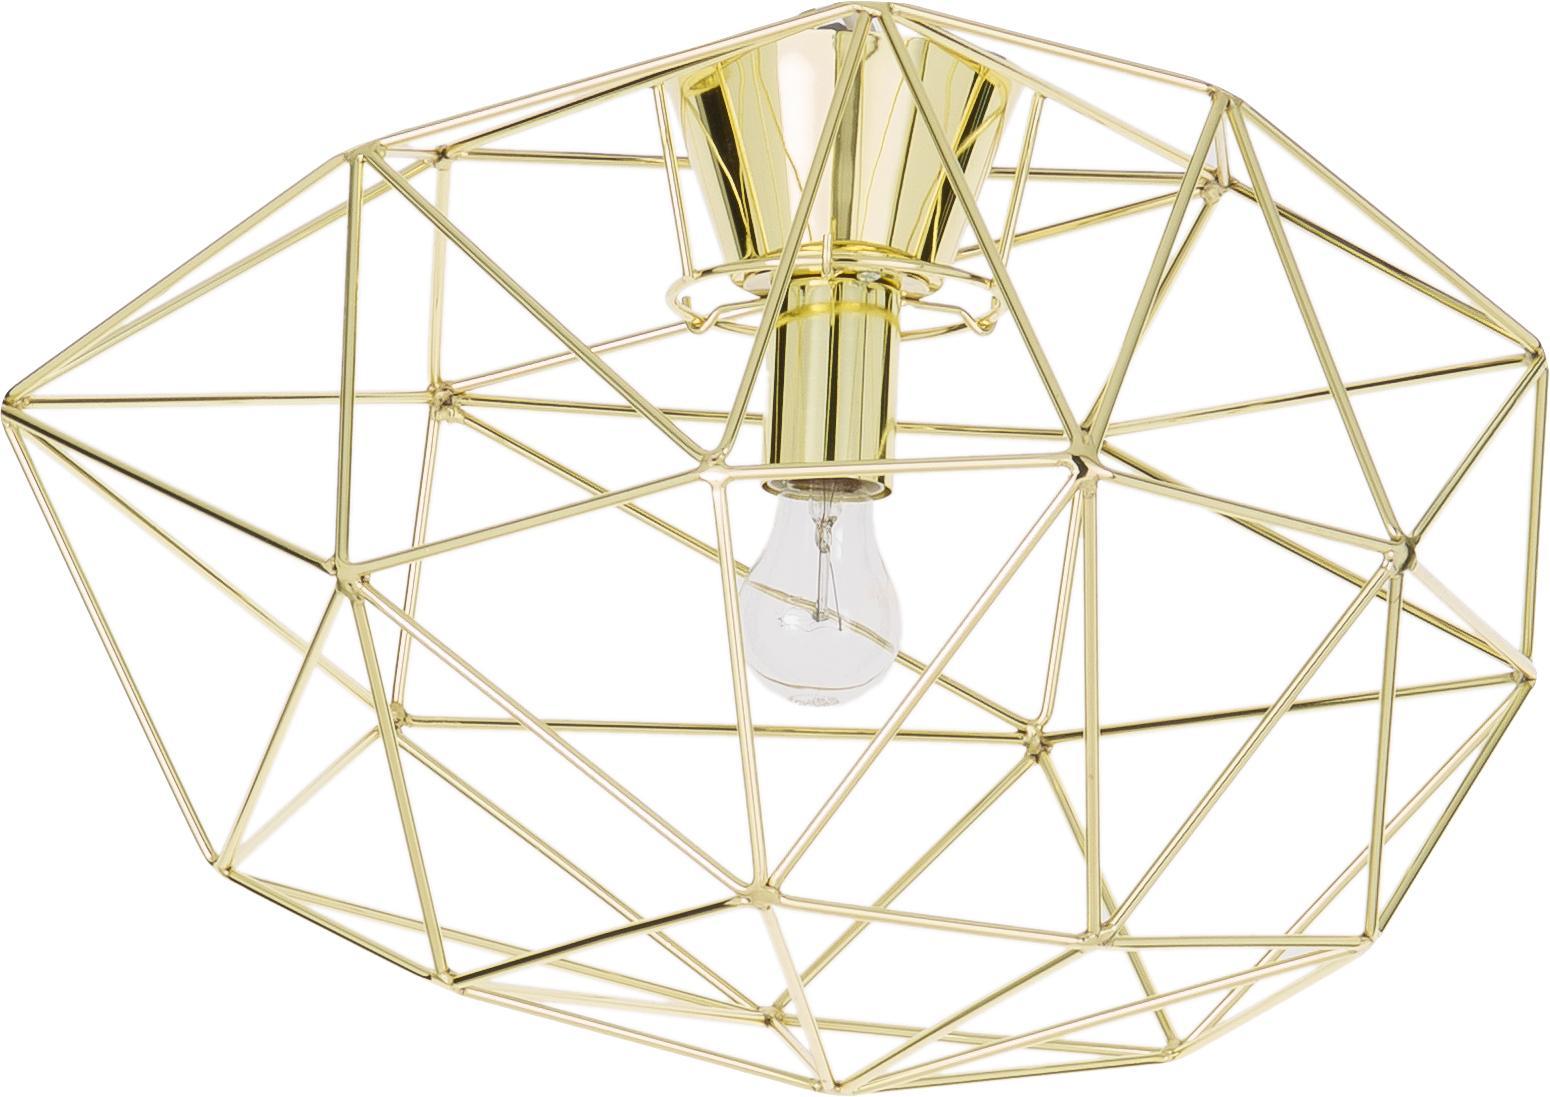 Deckenleuchte Diamond in Gold, Messing, lackiert, Goldfarben, Ø 50 x H 32 cm